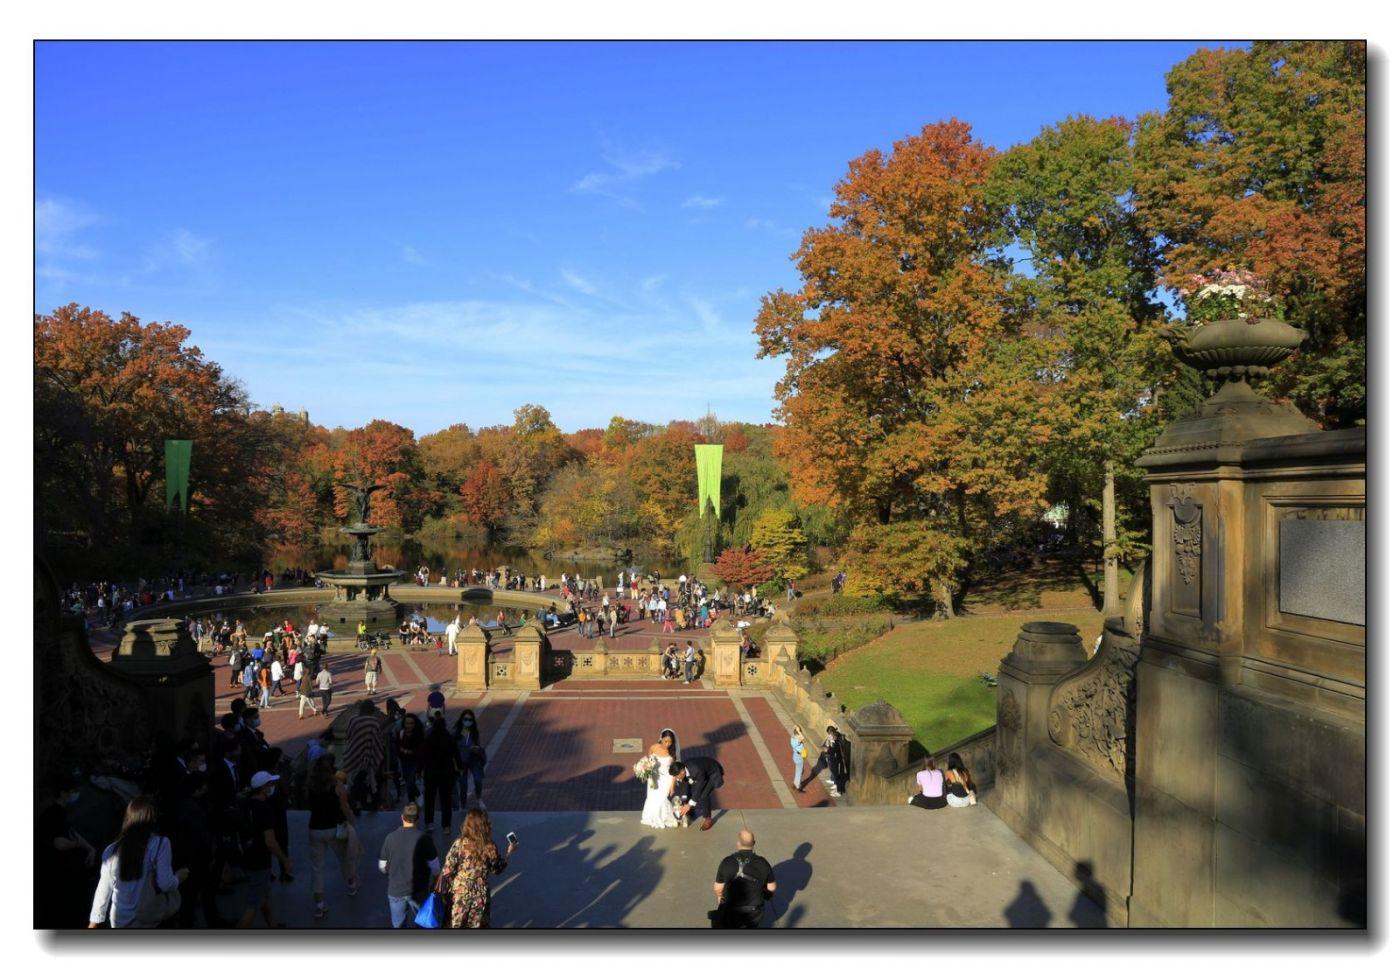 深秋色彩-中央公园1_图1-21